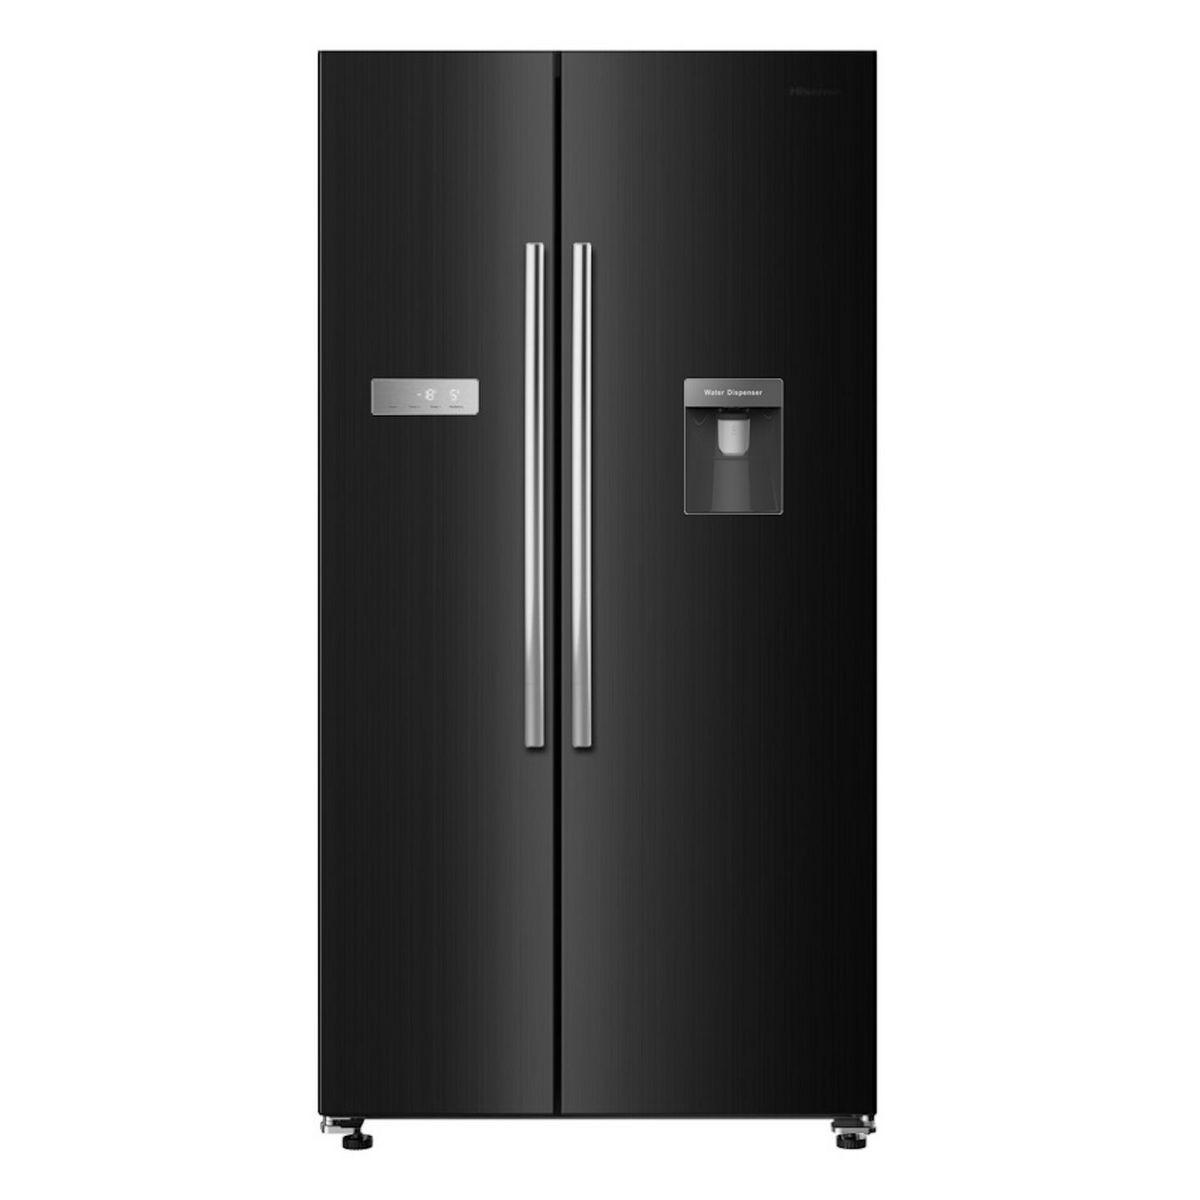 Réfrigérateur américain FSN570W20B, 562 L, Froid no Frost